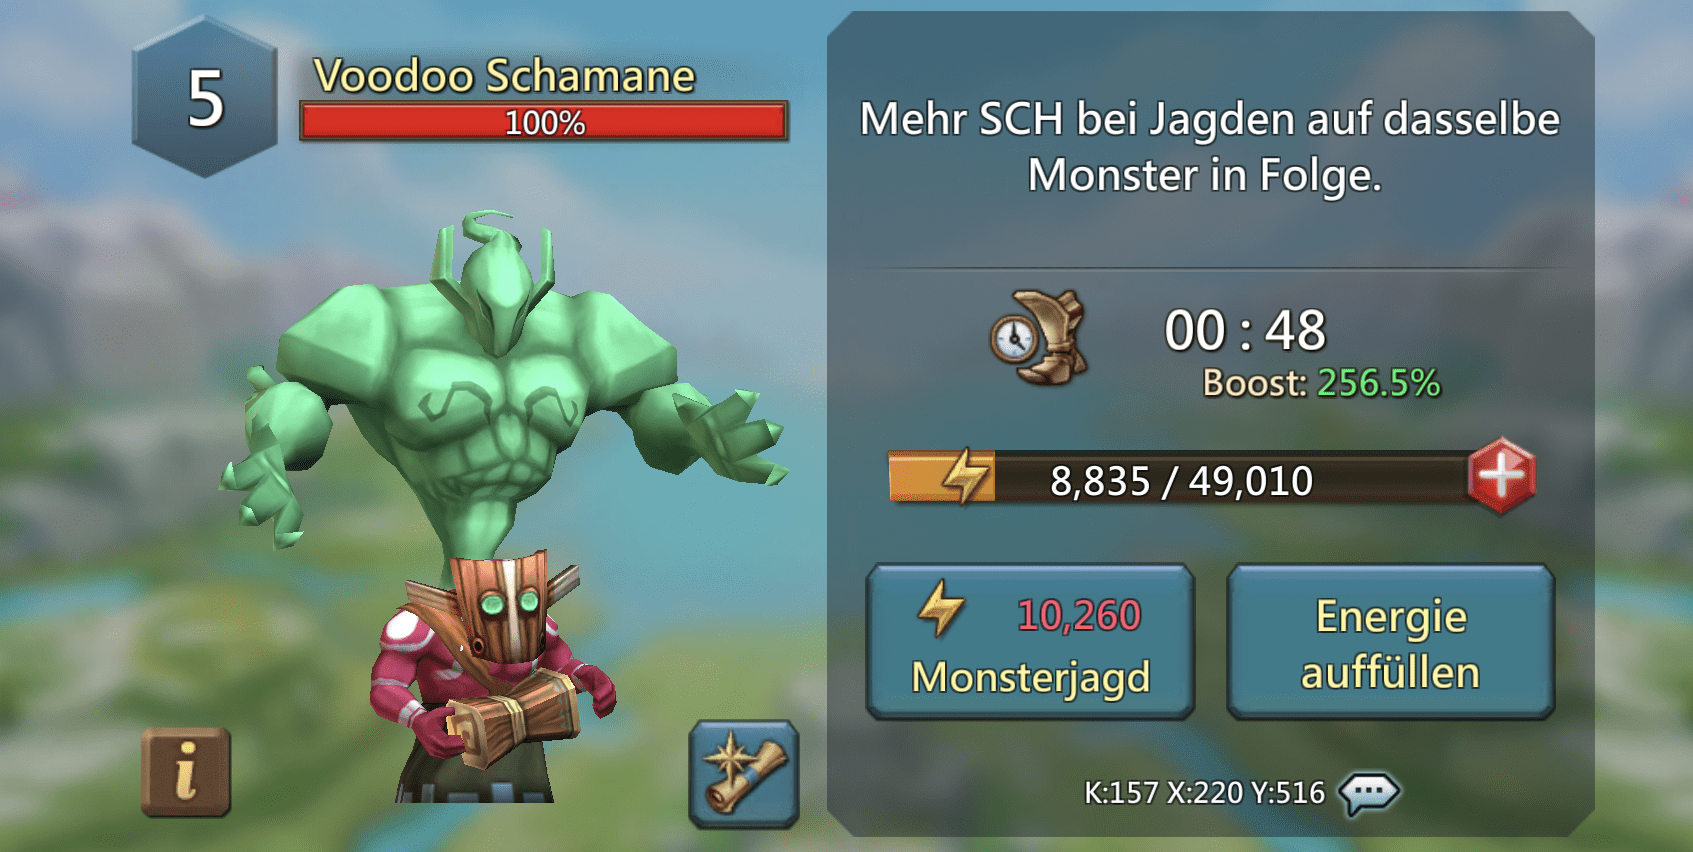 Voodoo Schamane